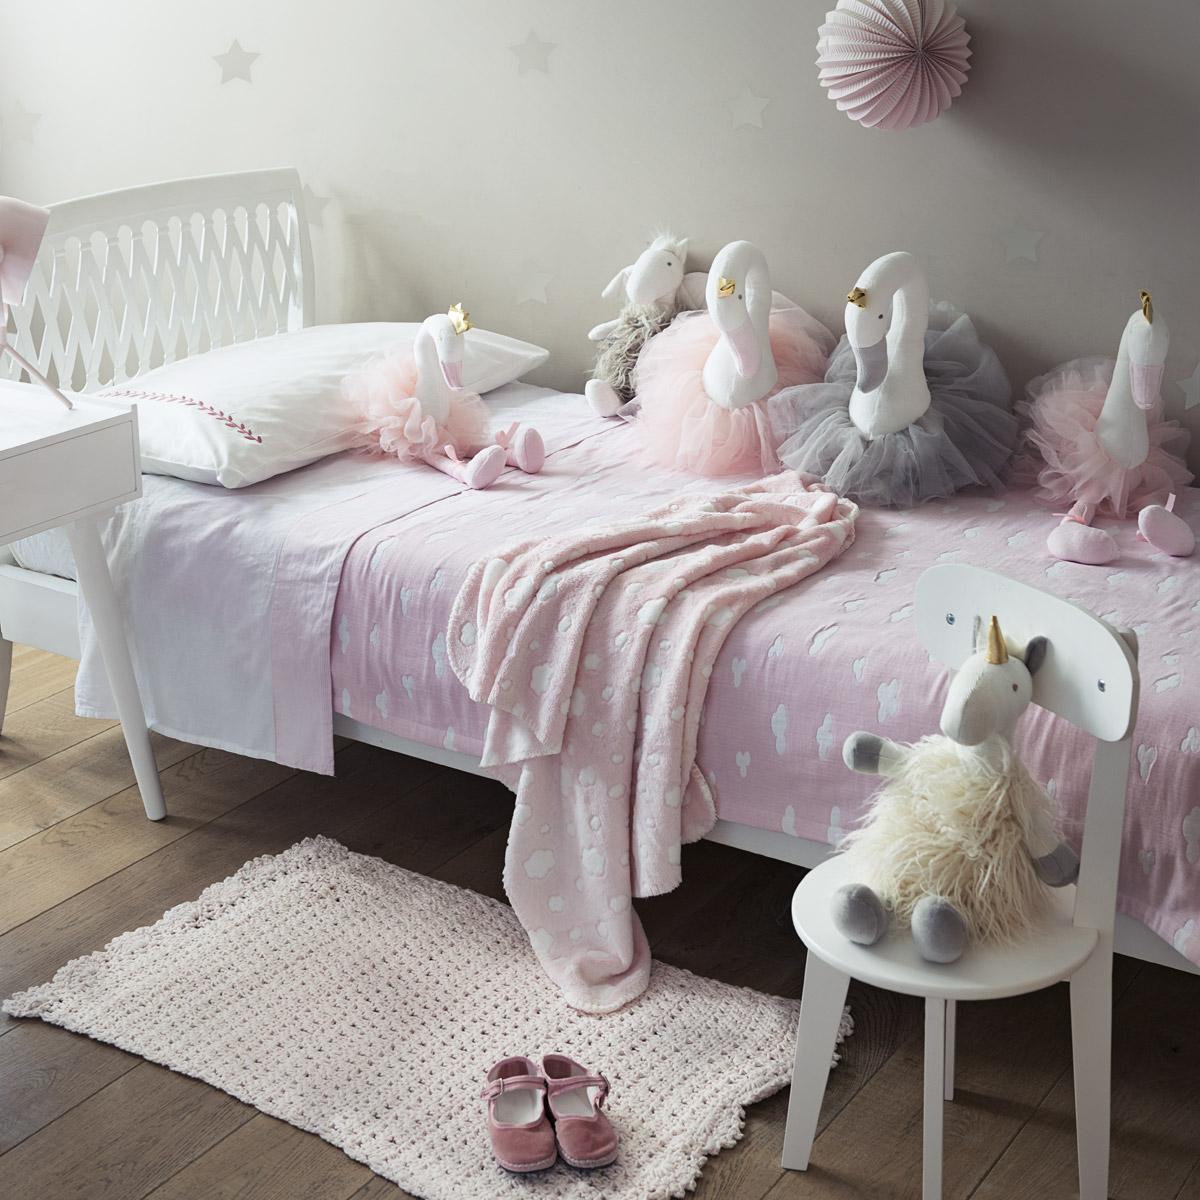 Blanc MariClo' Cameretta shabby chic per bambini - accessori - immancabili letto in ferro battuto - Blog